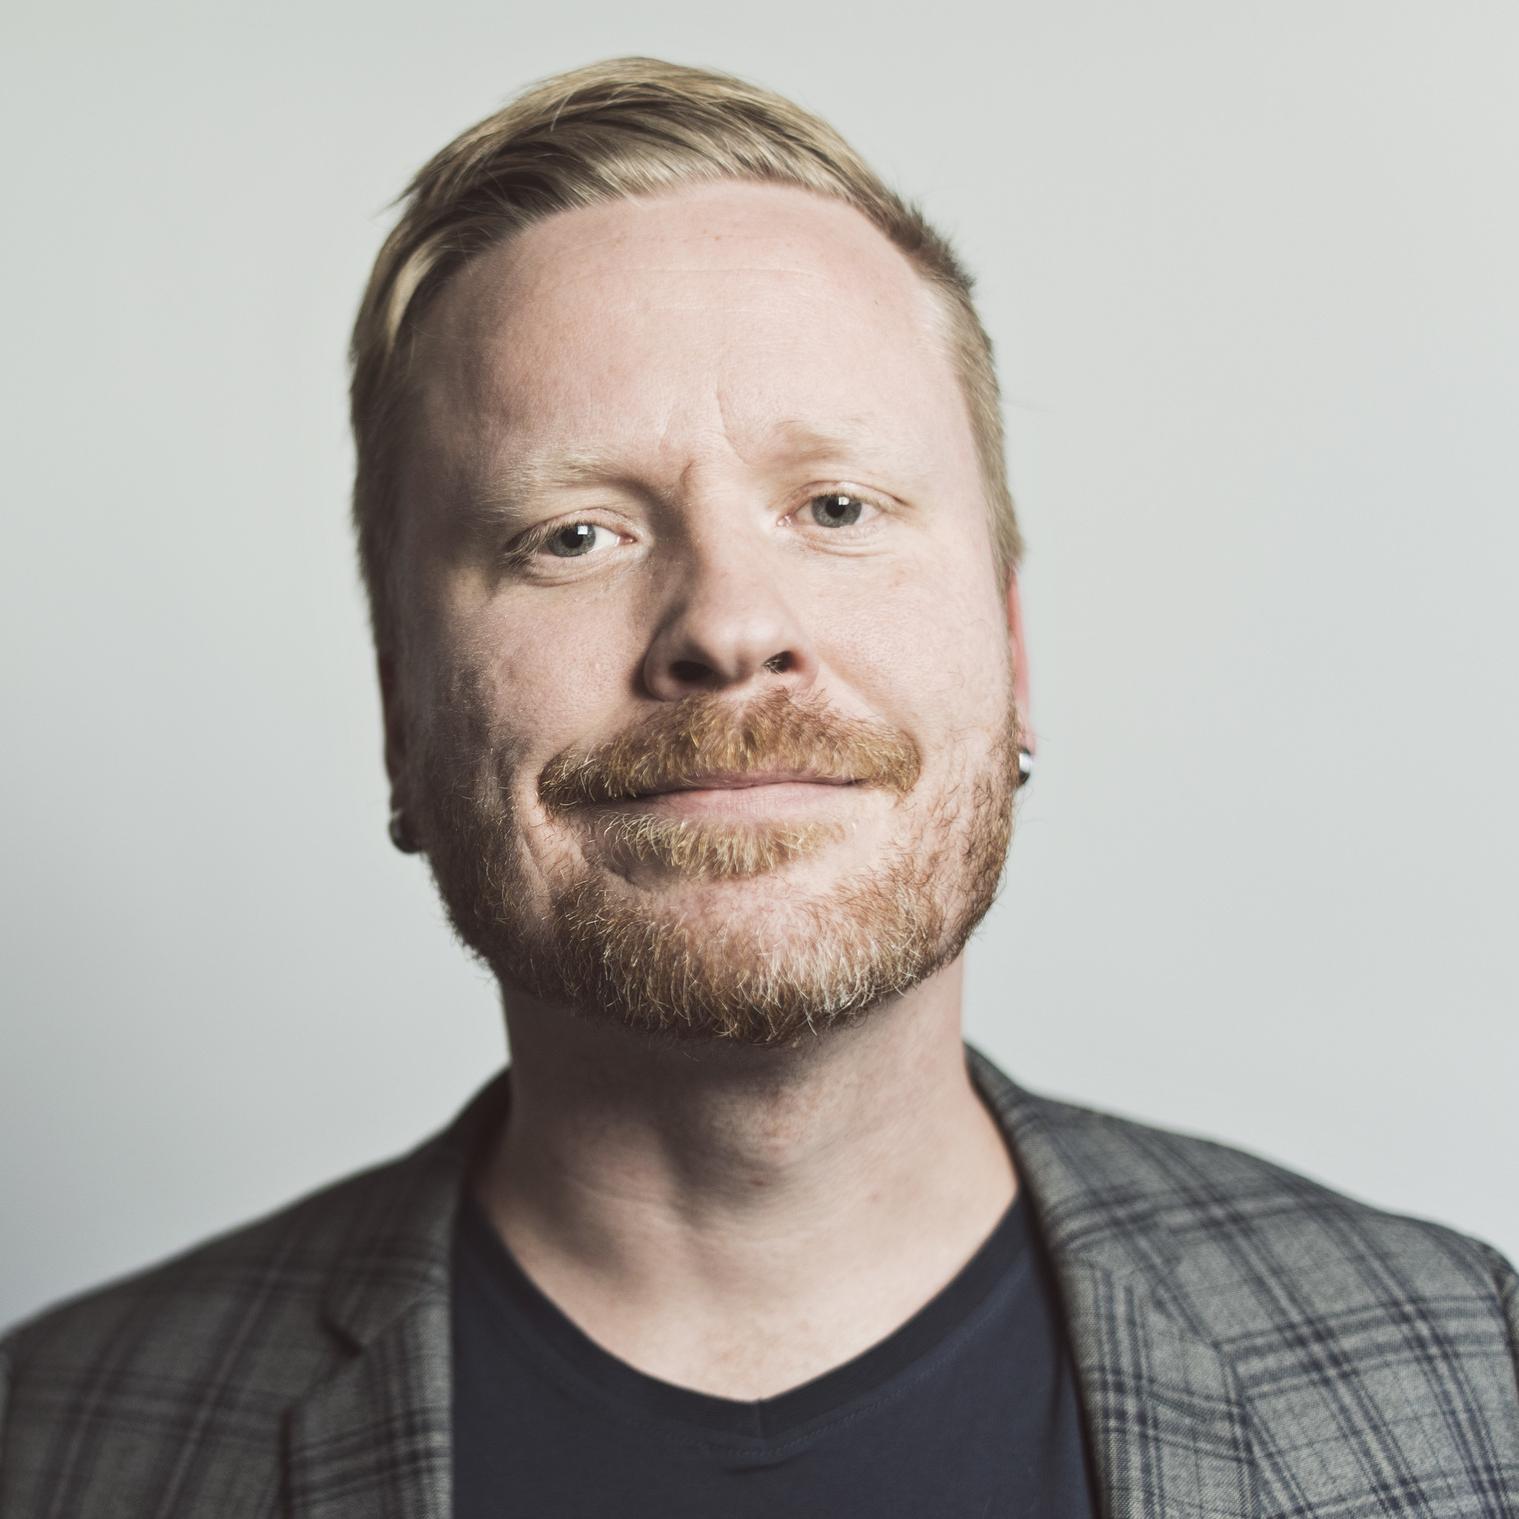 Sami Minkkinen  pitää Havaintoja parisuhteesta  -blogia ja  Facebook-sivua , joka on kasvanut valtavaan suosioon. Hänen tekstinsäovat keränneet kymmeniätuhansia seuraajia ja tykkääjiä. 39-vuotias aviomies ja isäkirjoittaa parisuhteista yli 20 vuoden kokemuksella.   Lataa  > Pressikuva    Kansi  >  Havaintoja parisuhteesta    Arvostelukappaleet ja haastattelut  >  heini.salminen@kosmoskirjat.fi